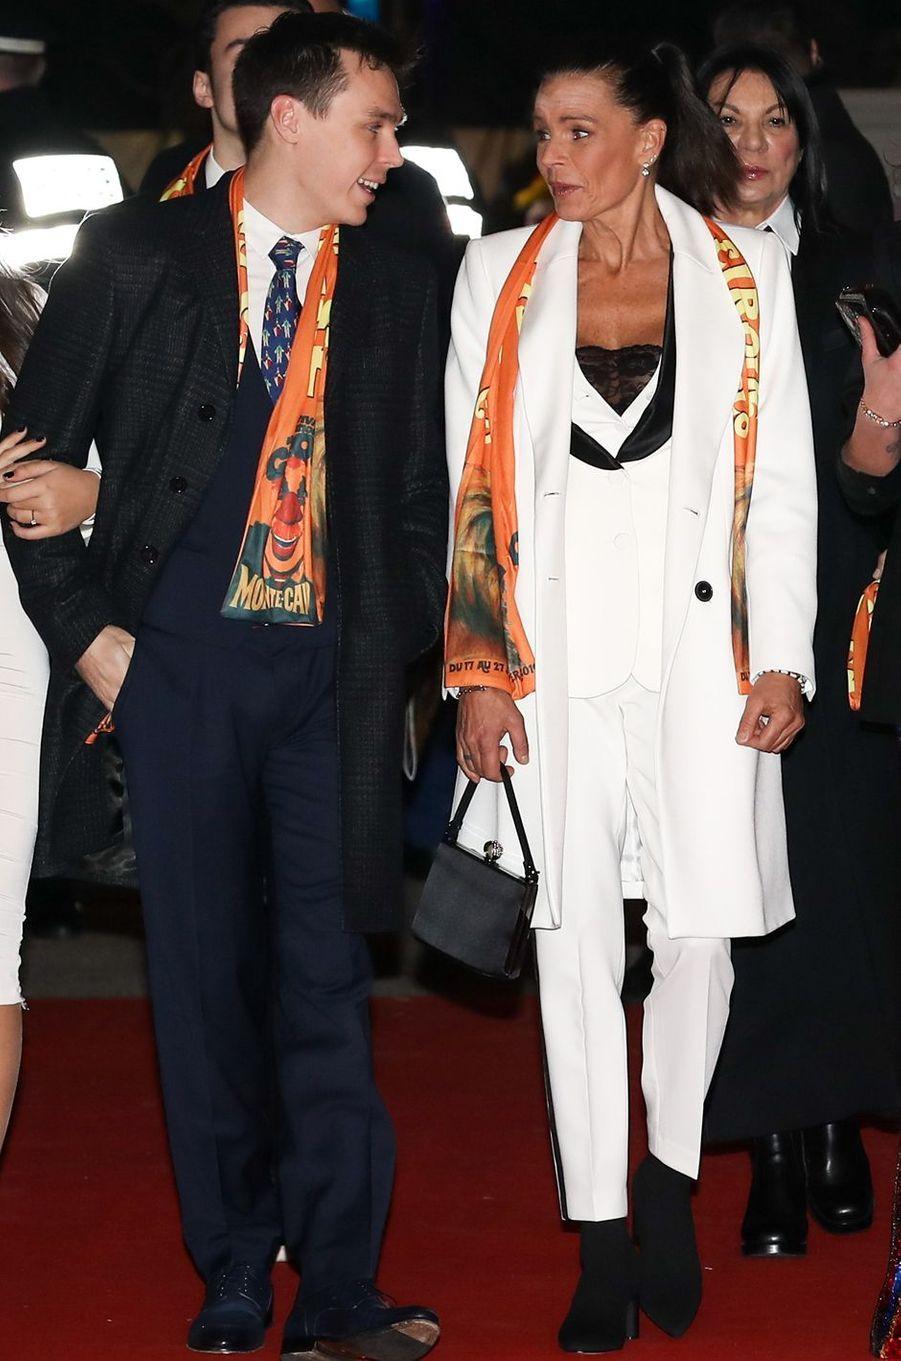 Le look de la princesse Stéphanie de Monaco au Festival international du cirque de Monte-Carlo, le 20 janvier 2019